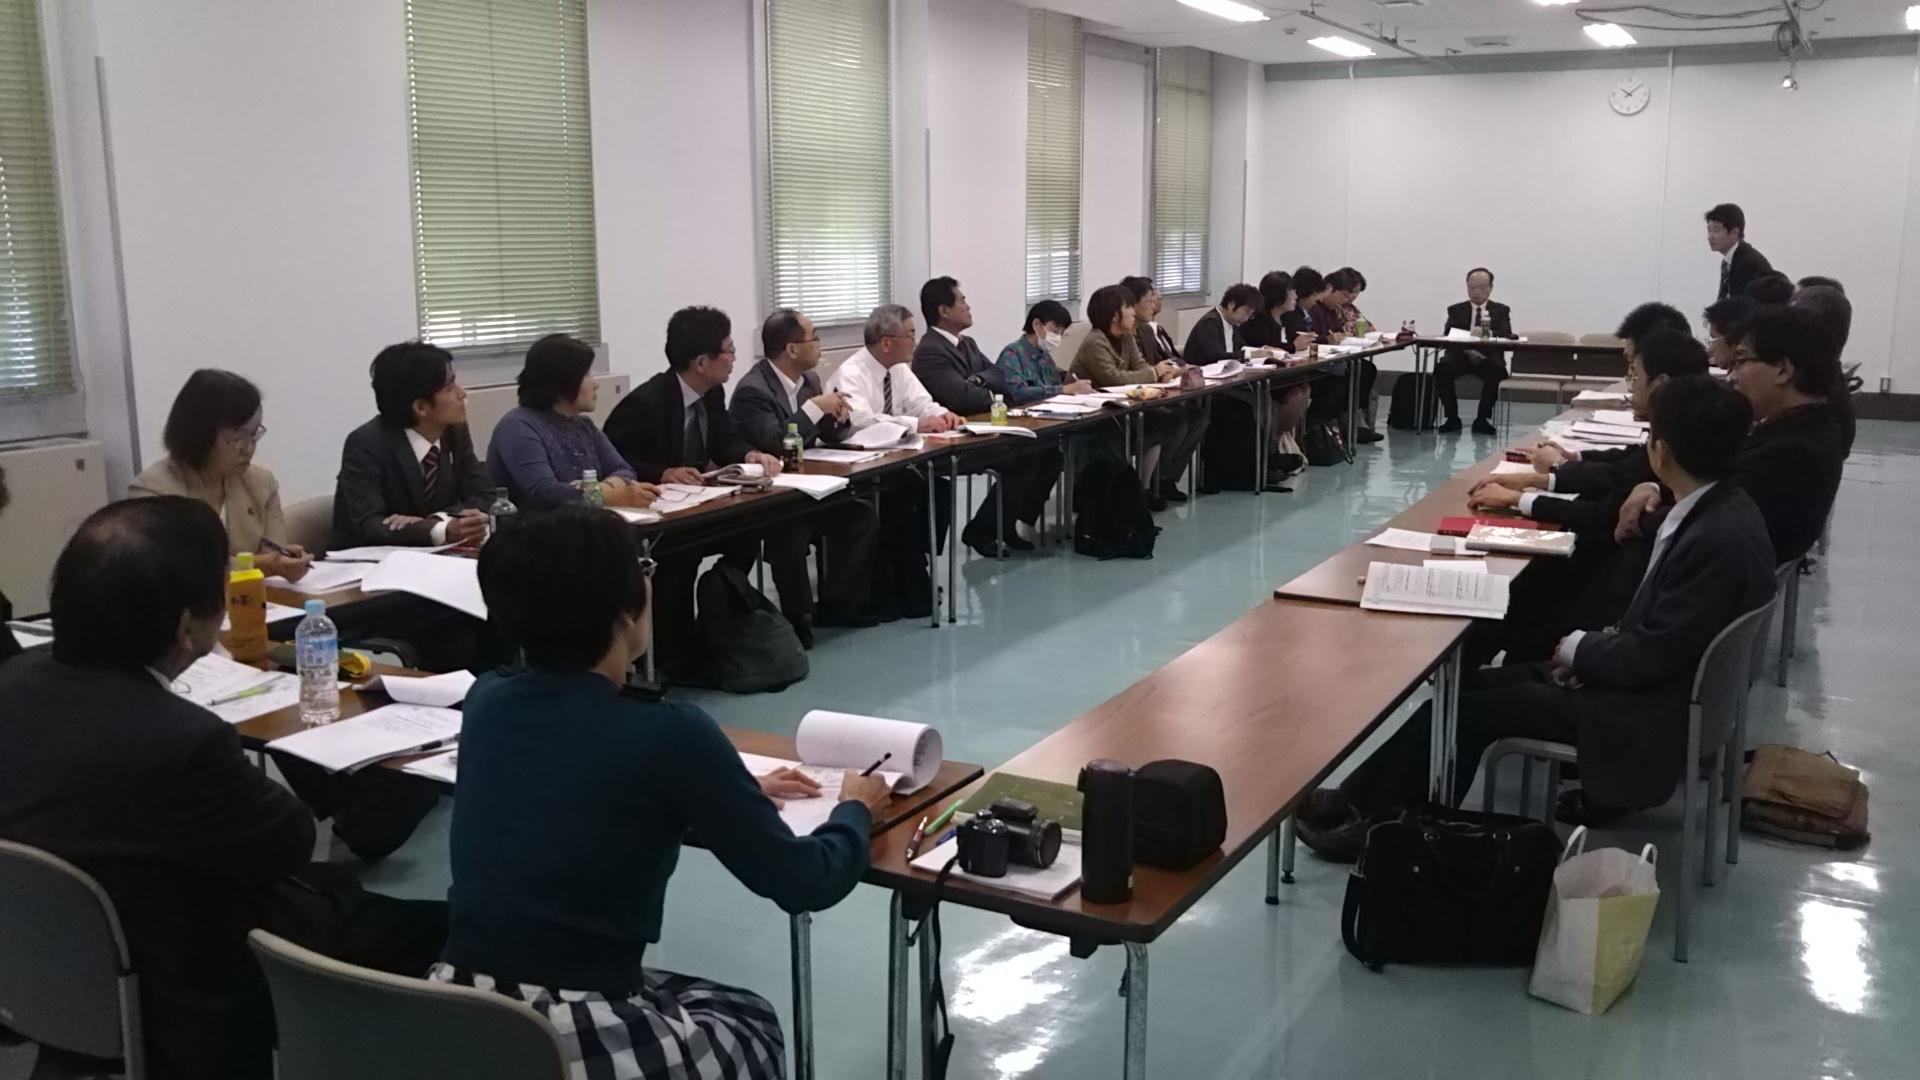 阪南地区議員団での大阪府交渉に参加して